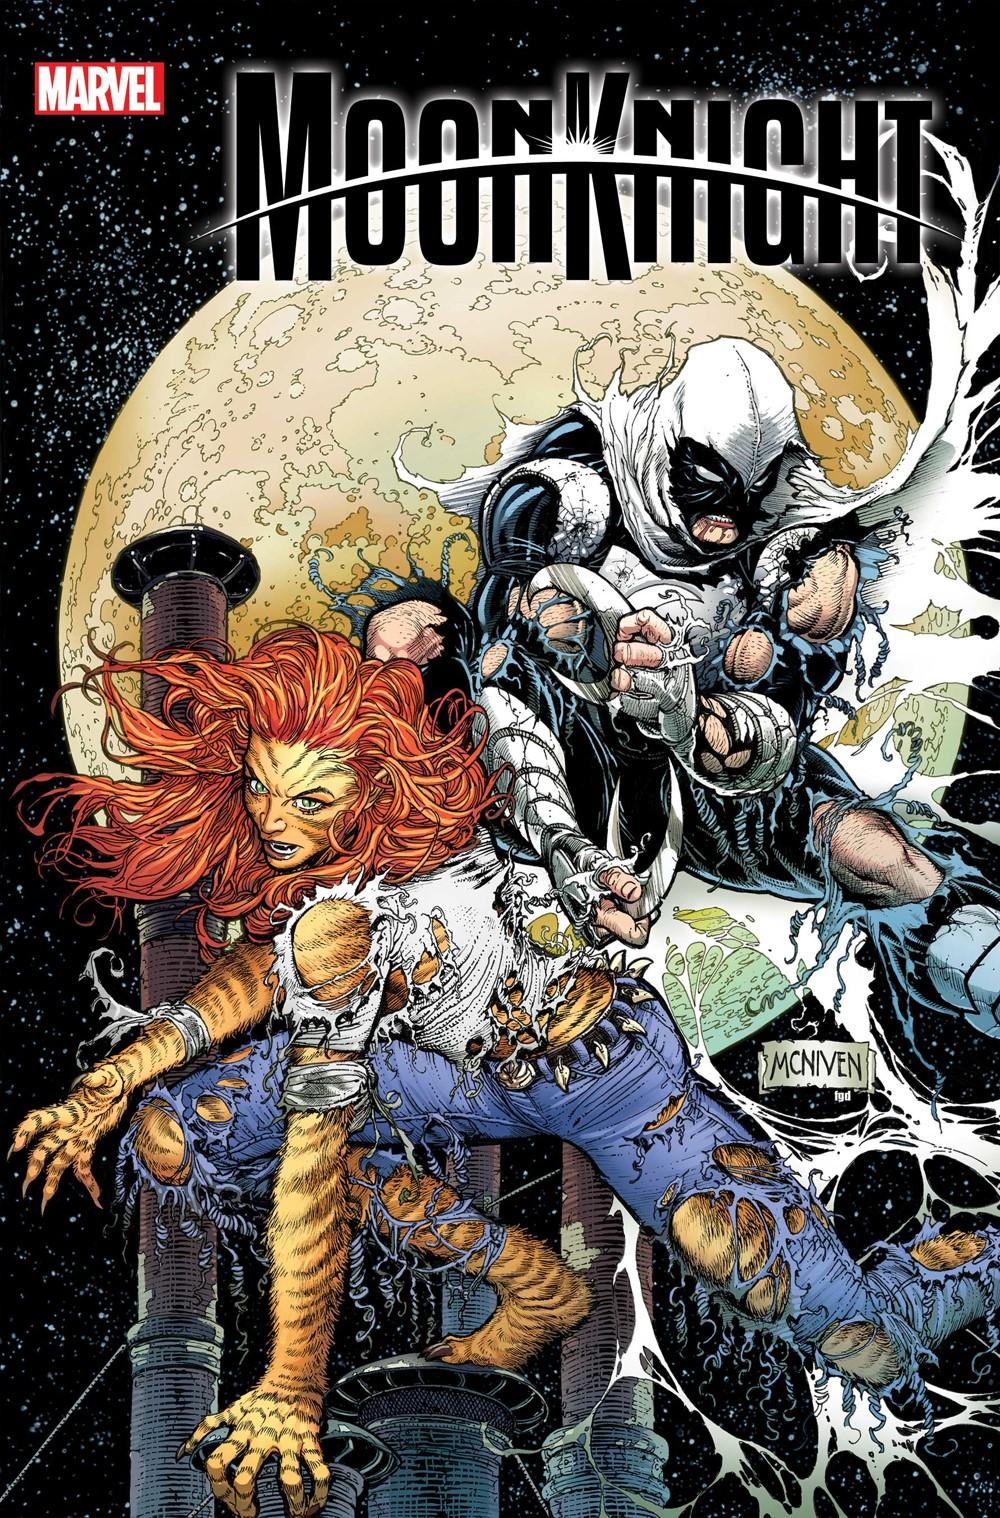 MOONKN2021004_Cov Marvel Comics October 2021 Solicitations